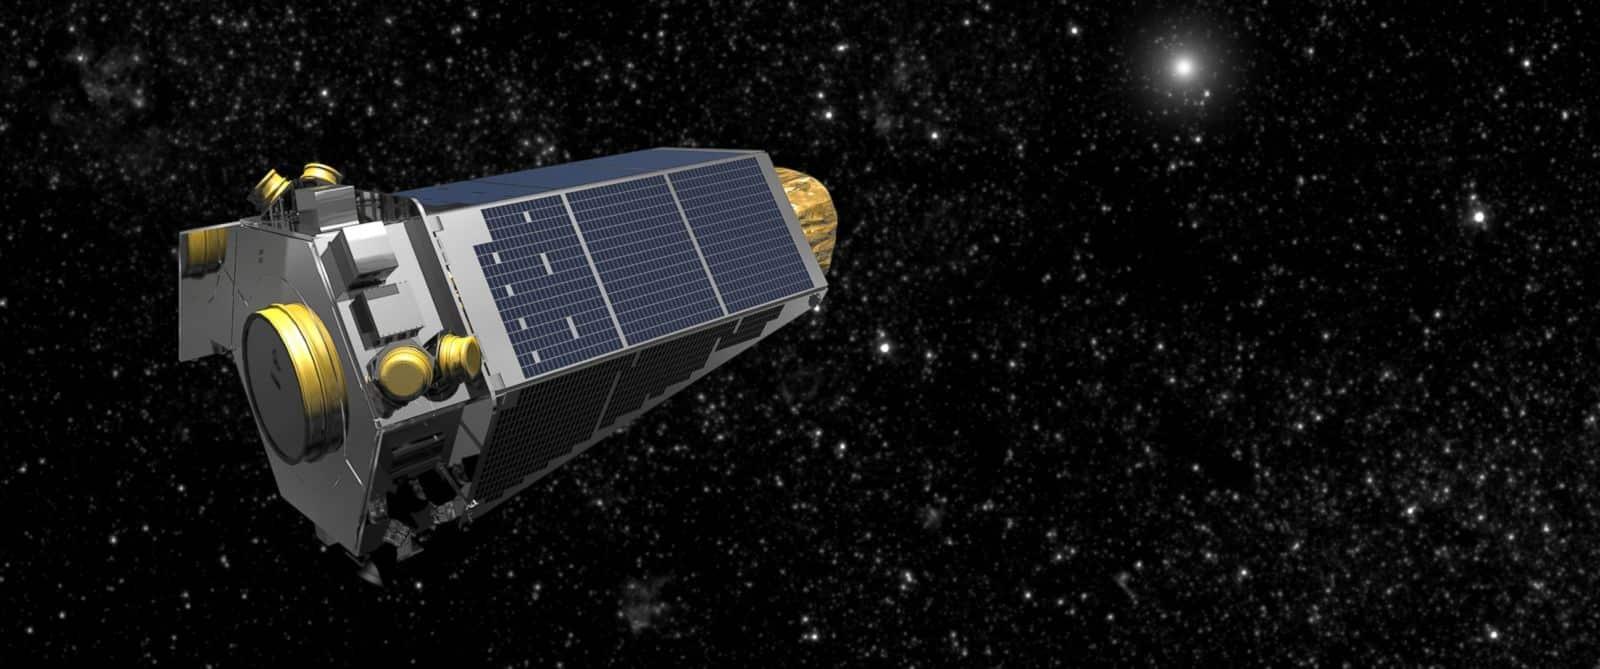 Telescopio Kepler de la NASA.